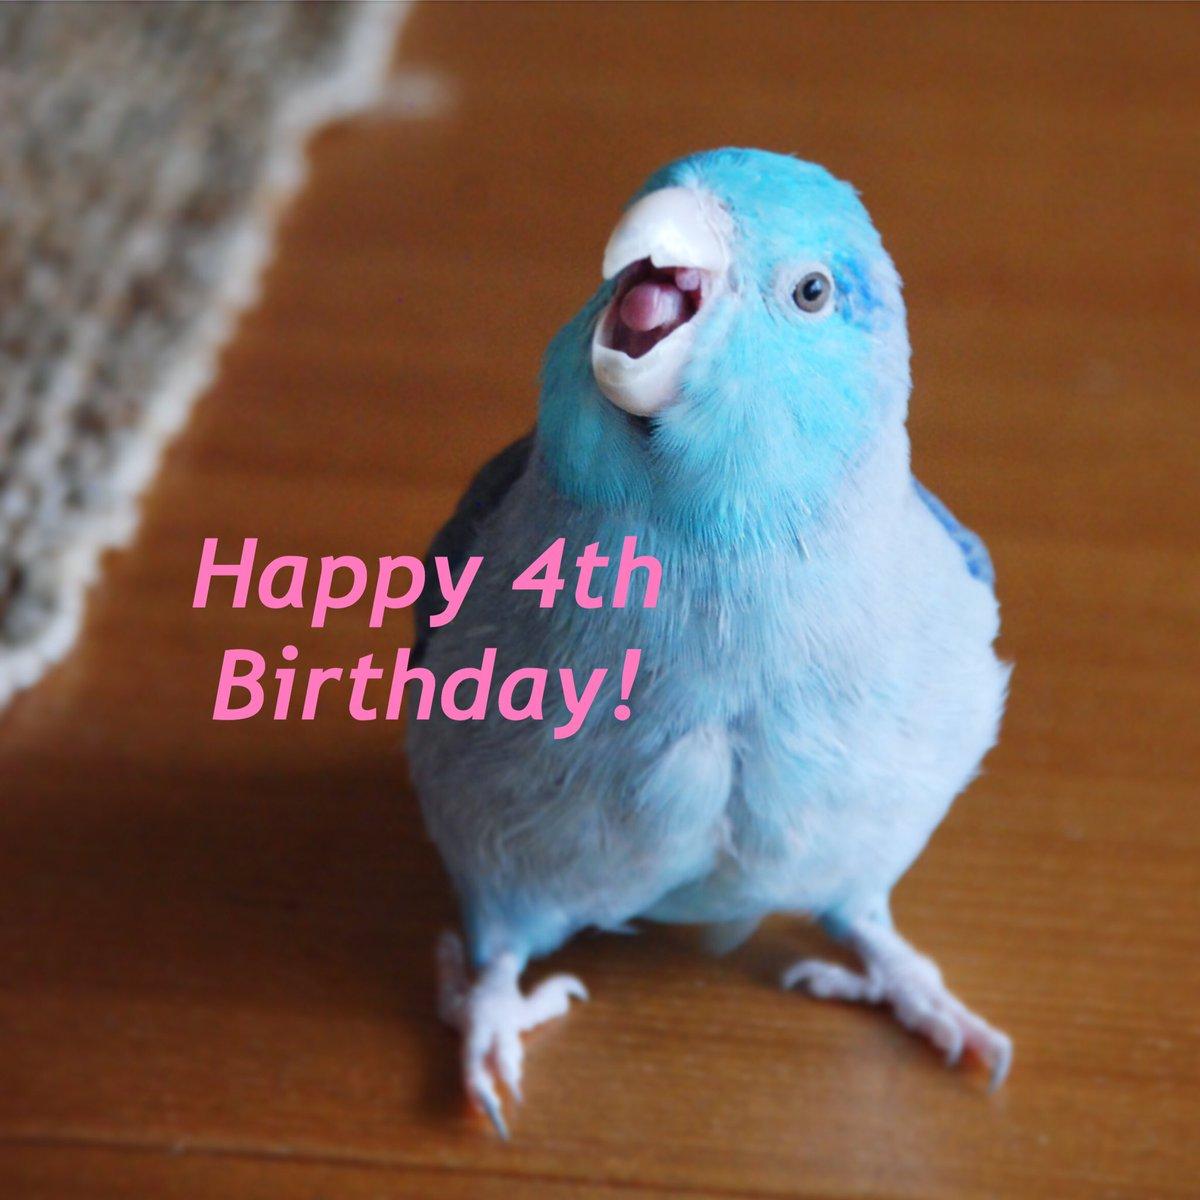 しずくちゃん🐥💕誕生日おめでとう🎂🎉4歳になりました☺️